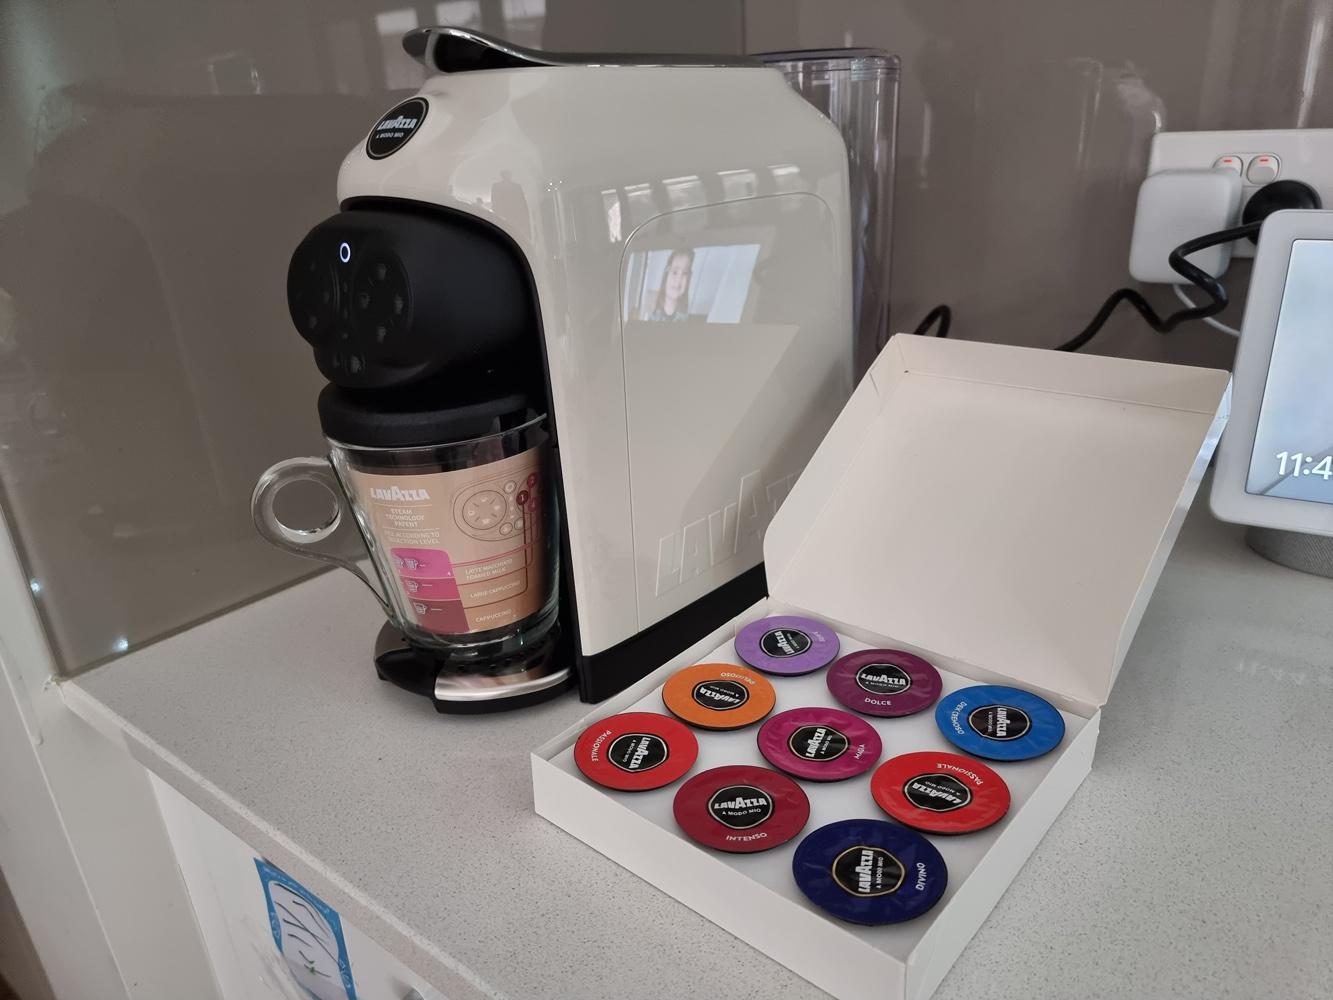 Reseña: máquina de café Lavazza Deséa